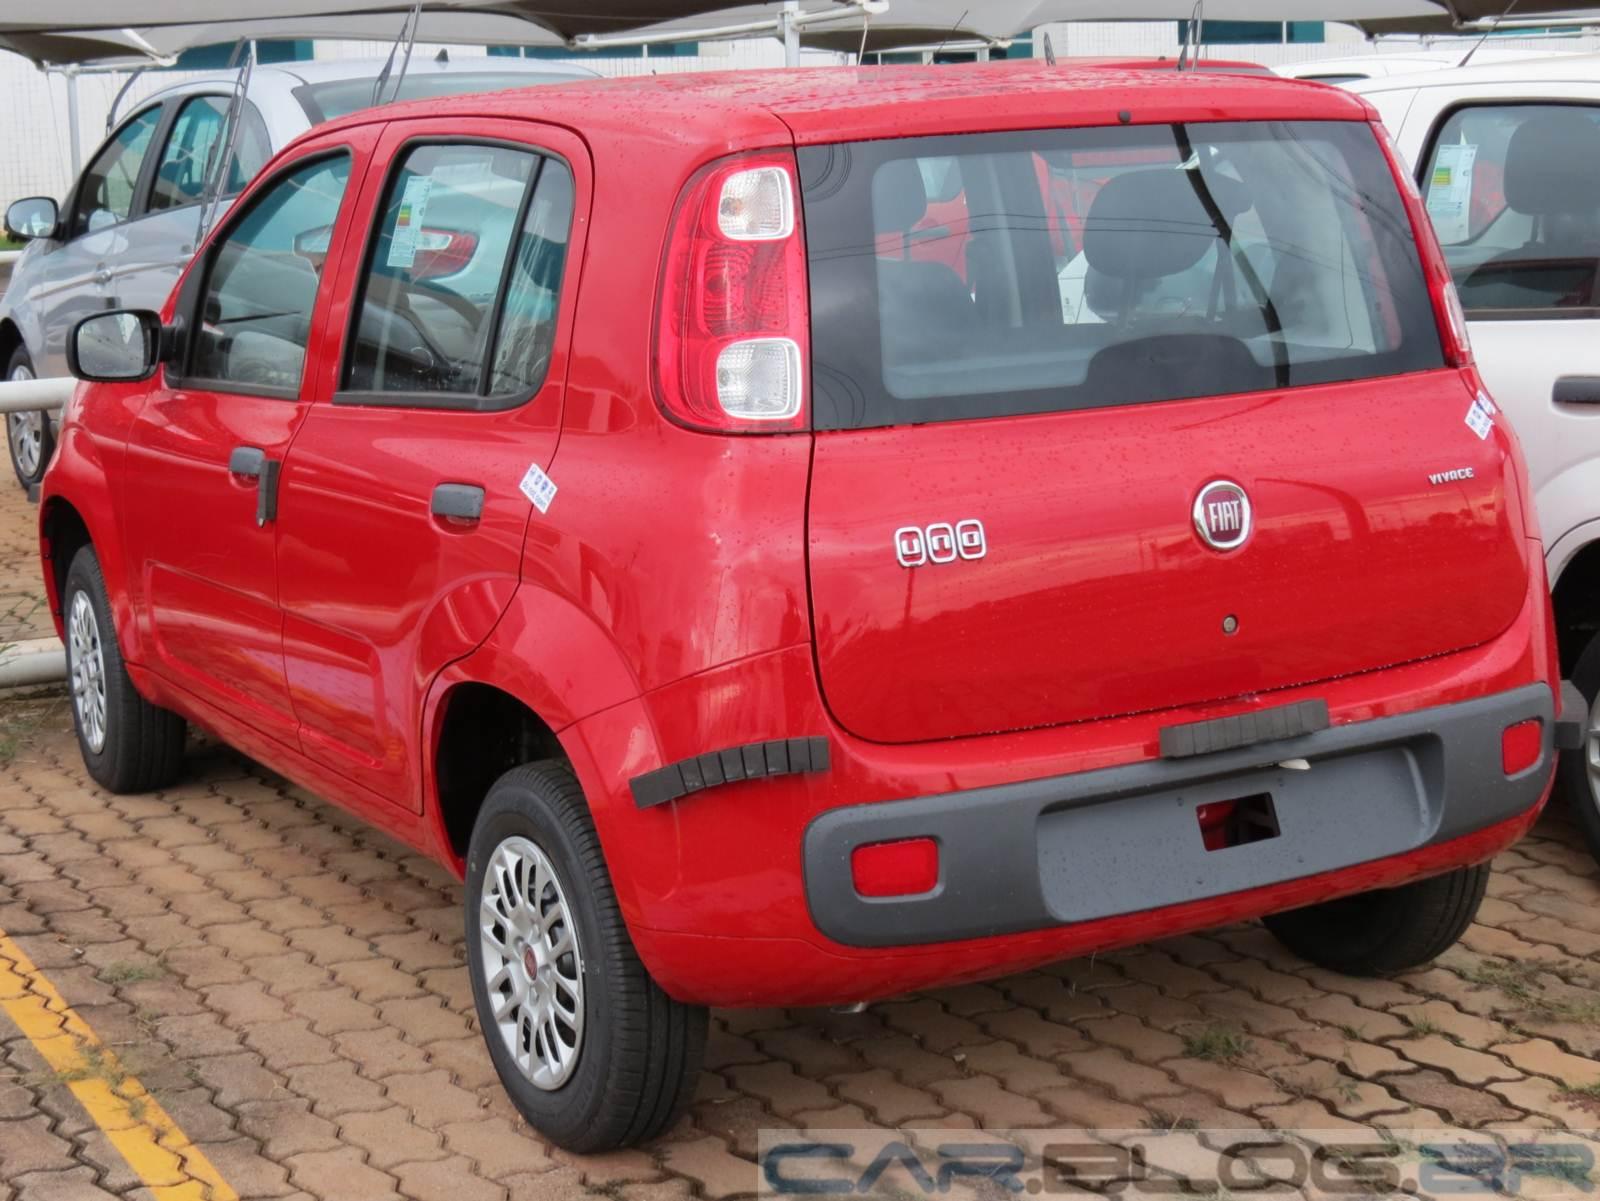 Fiat Uno Vivace x Volkswagen up! - comparativo